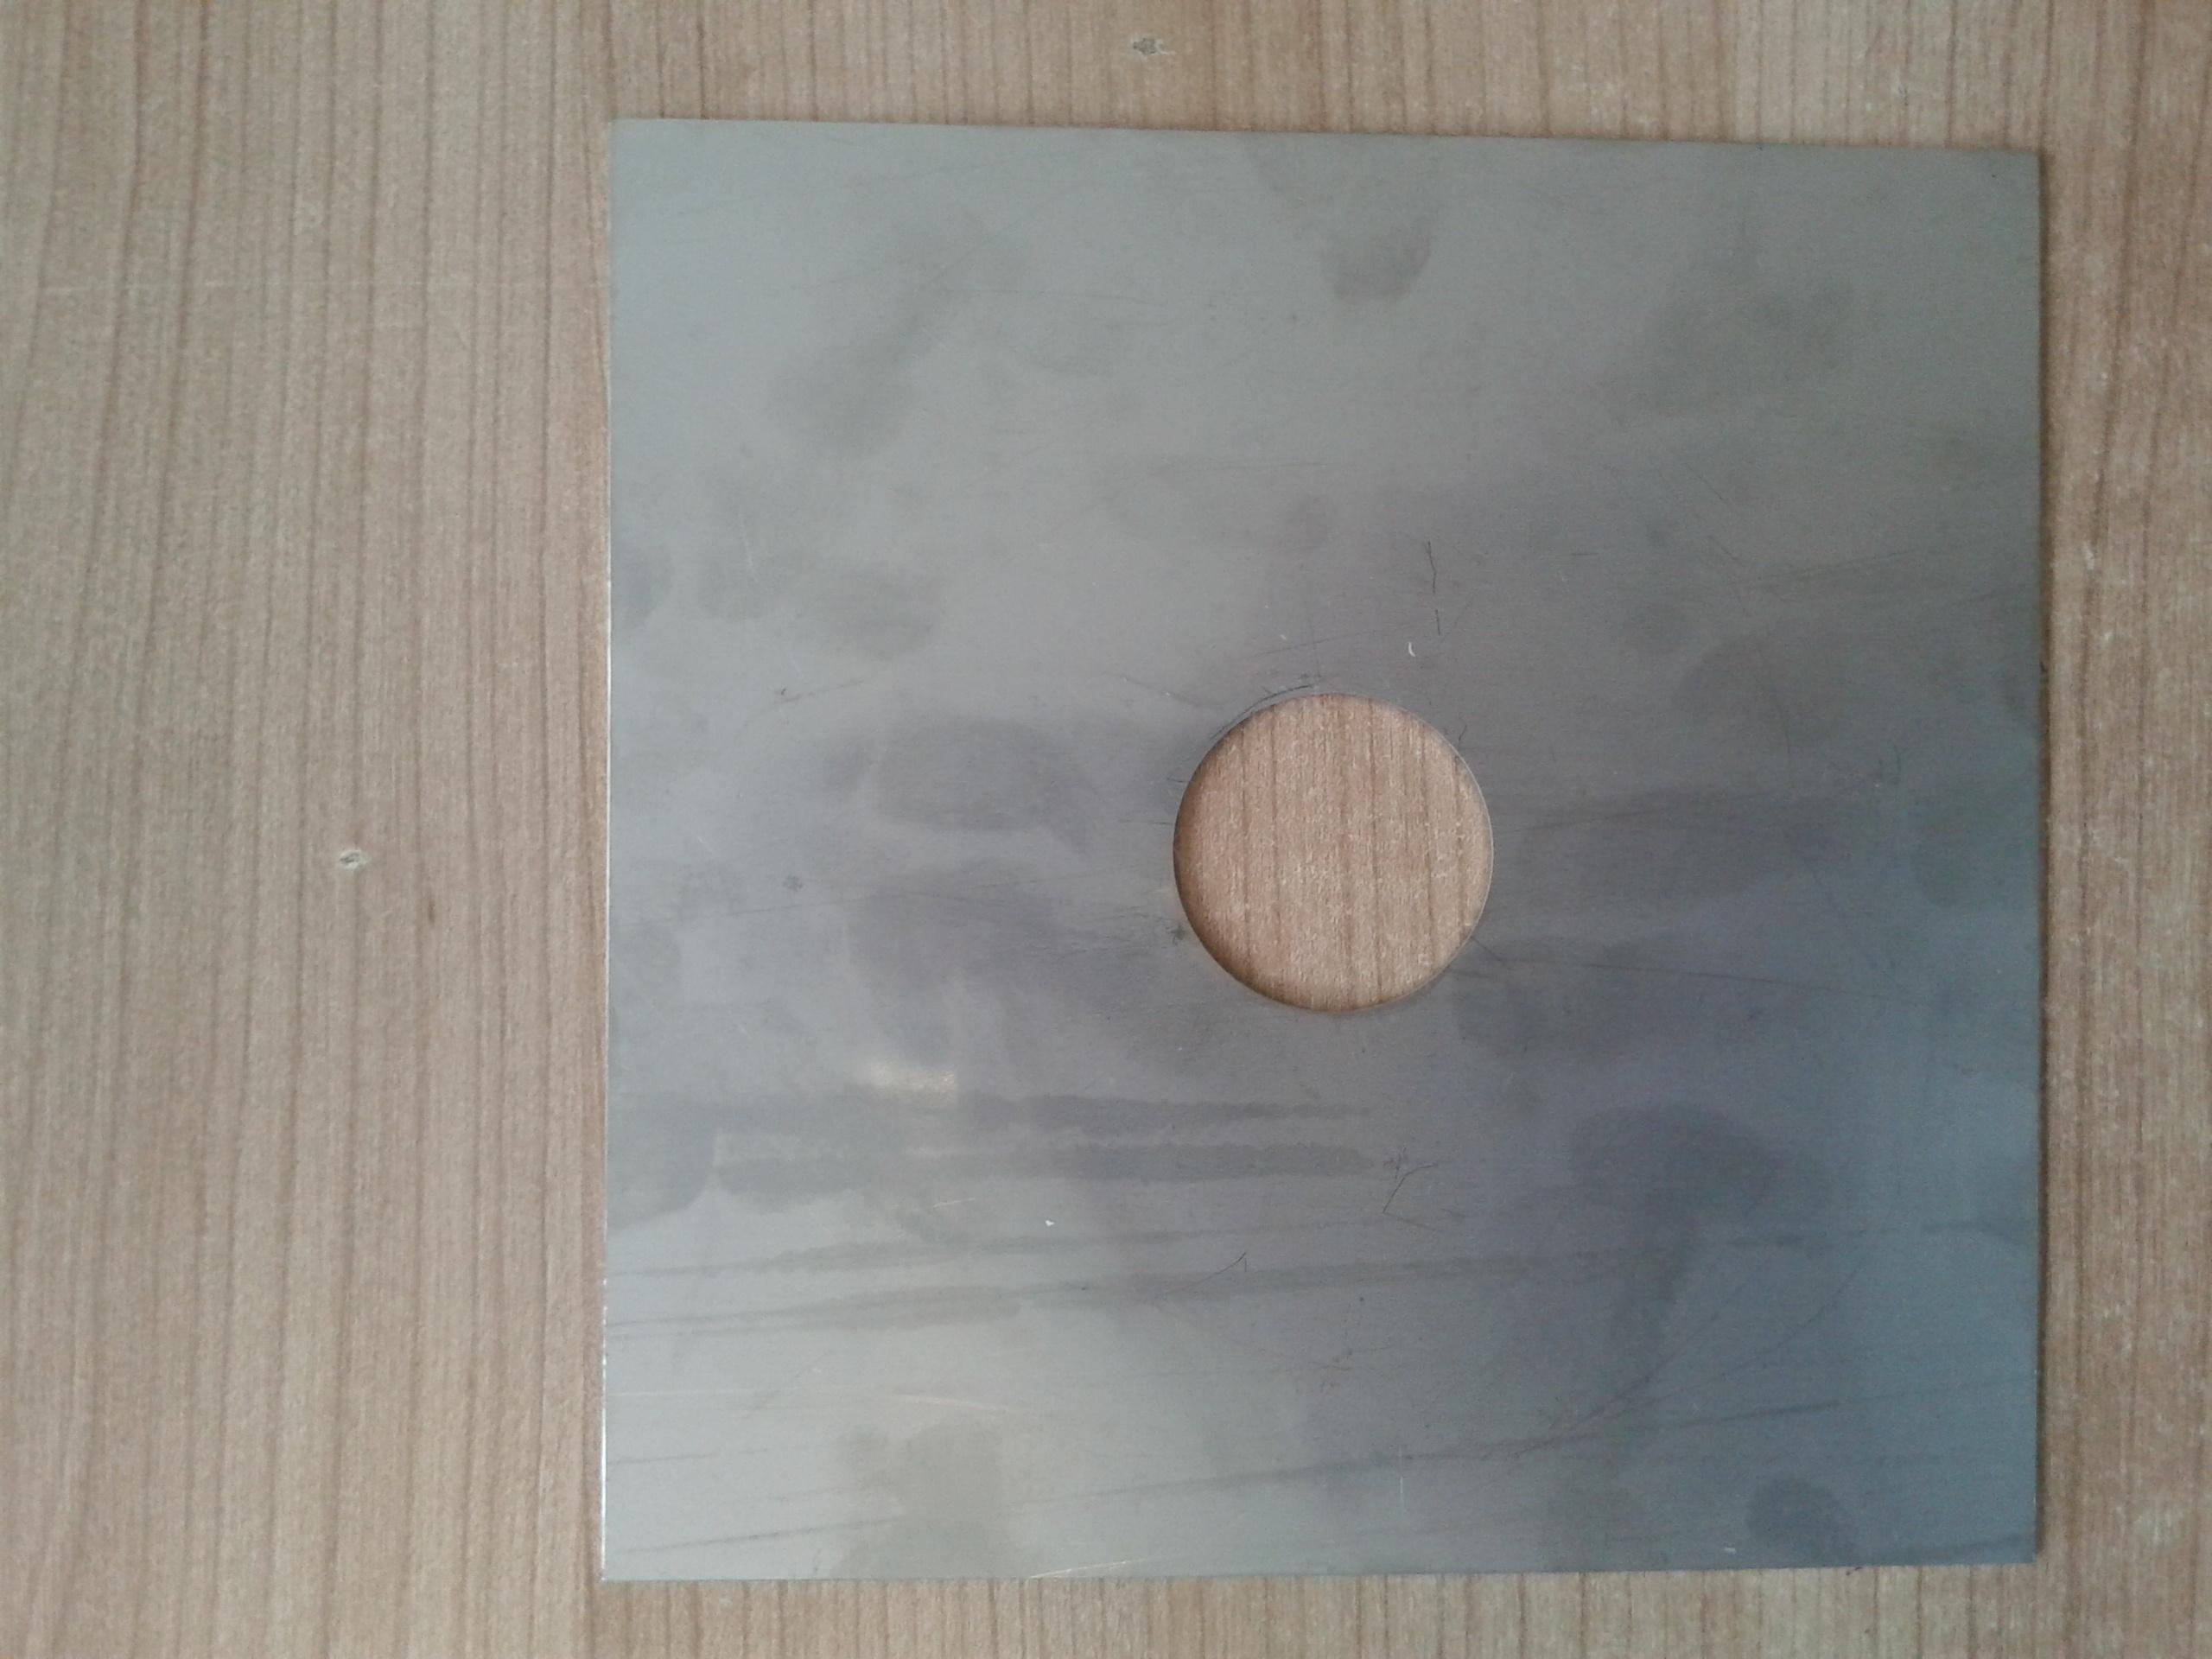 Vymezovací plech stojanu 140x140/40mm